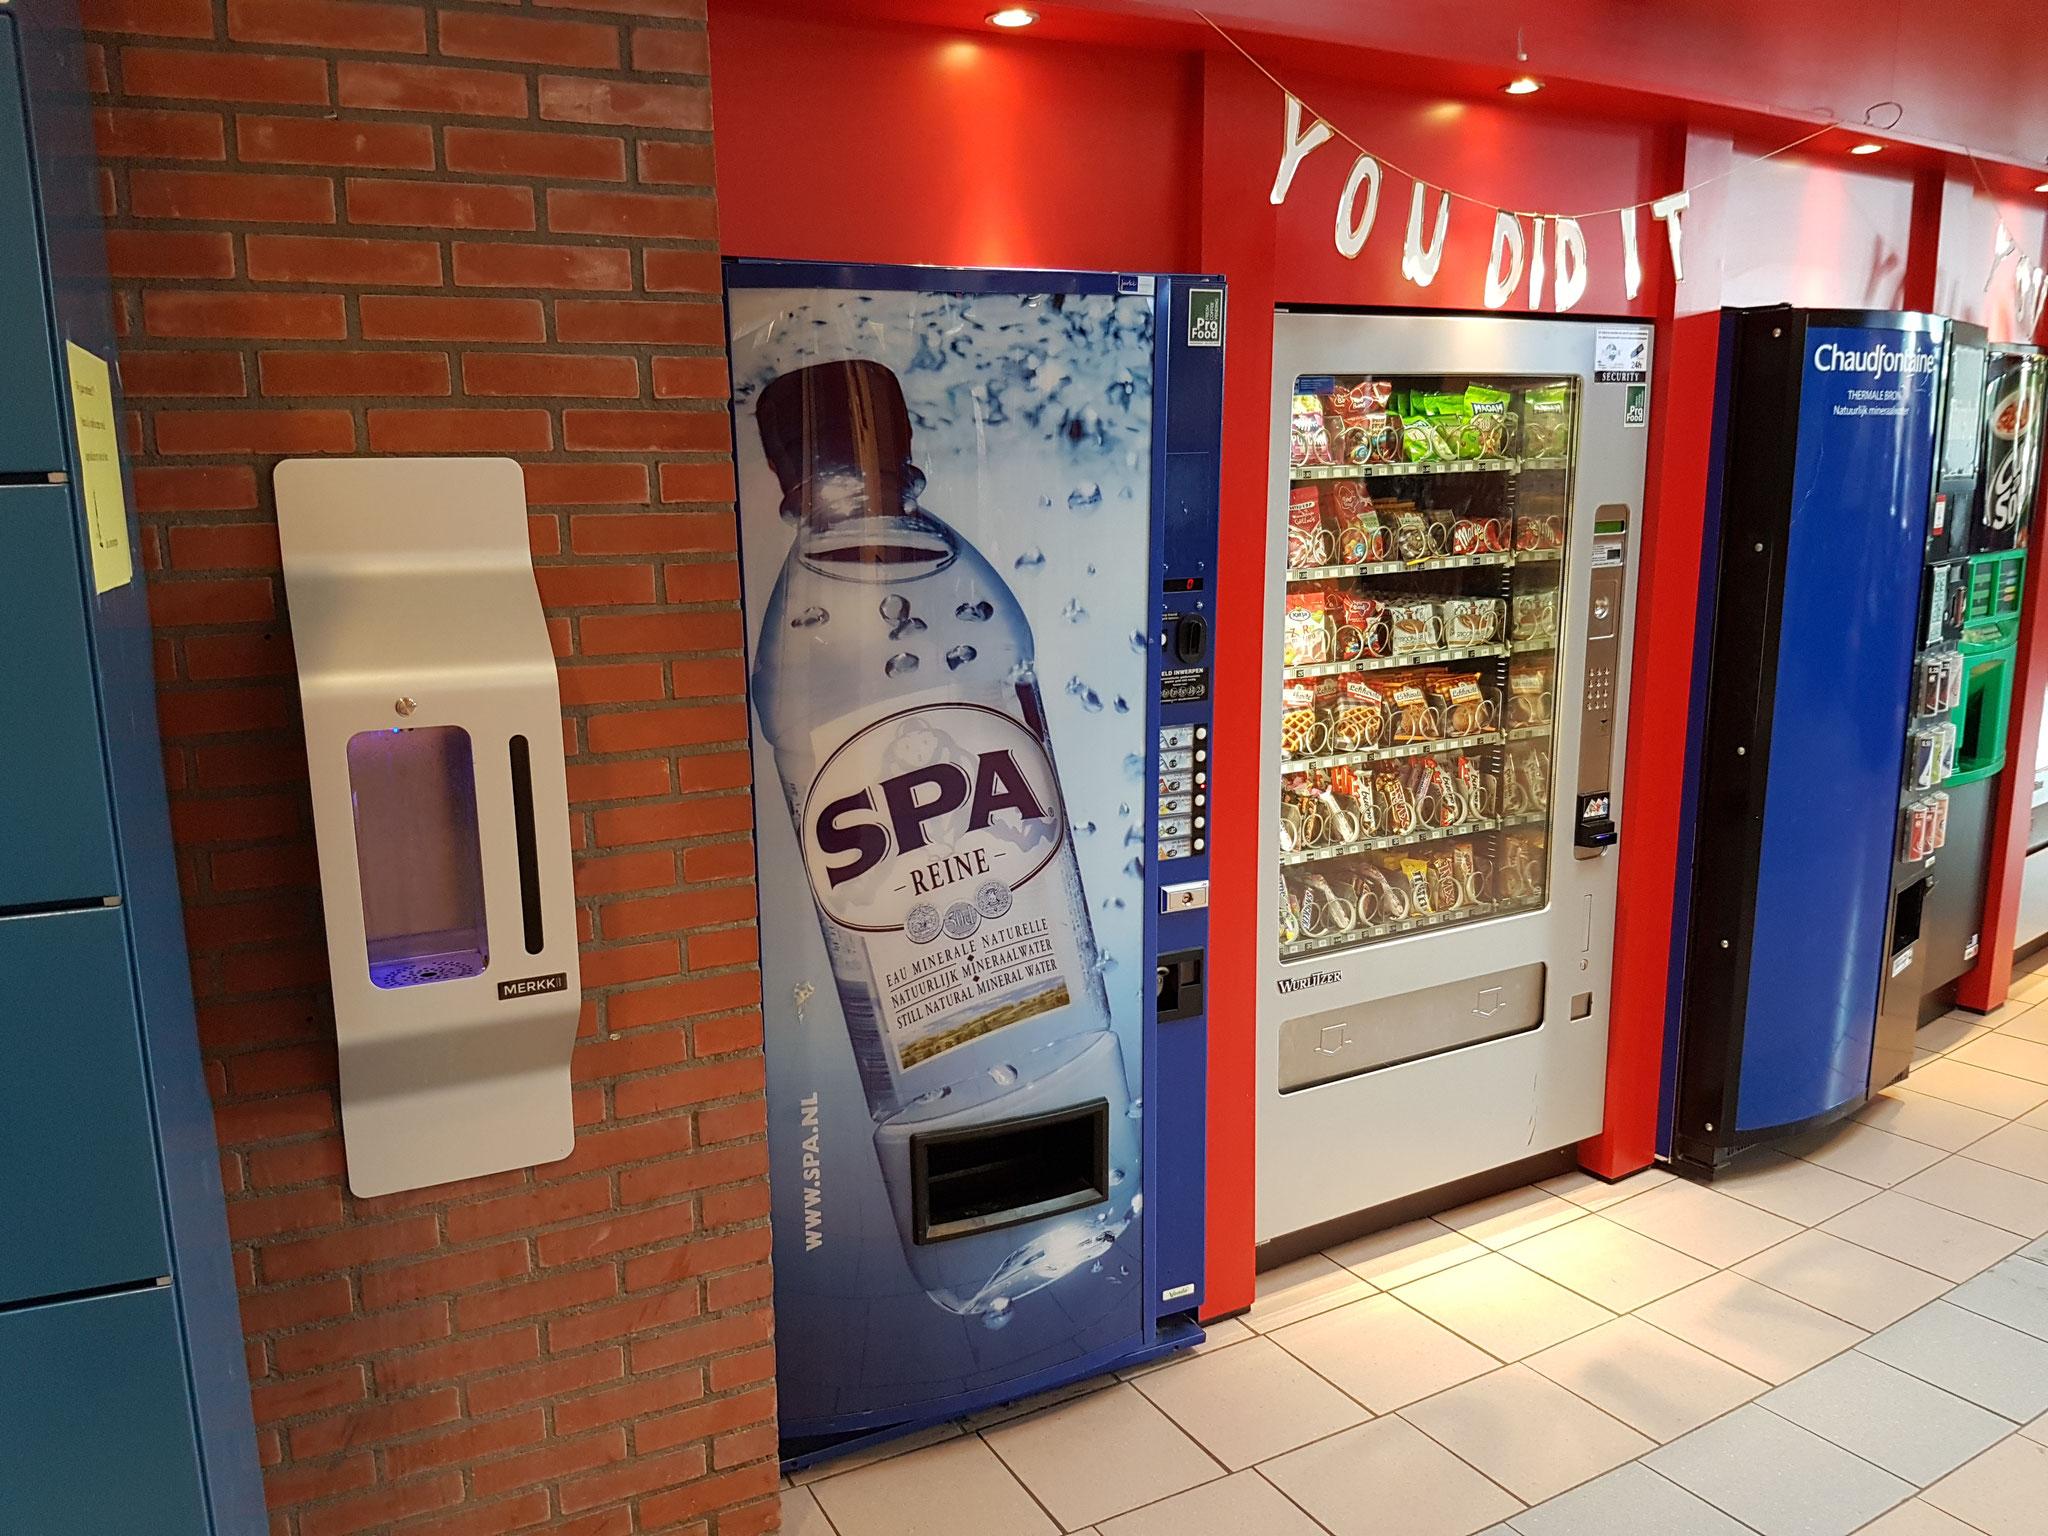 Tap water dispenser at Regius College Schagen